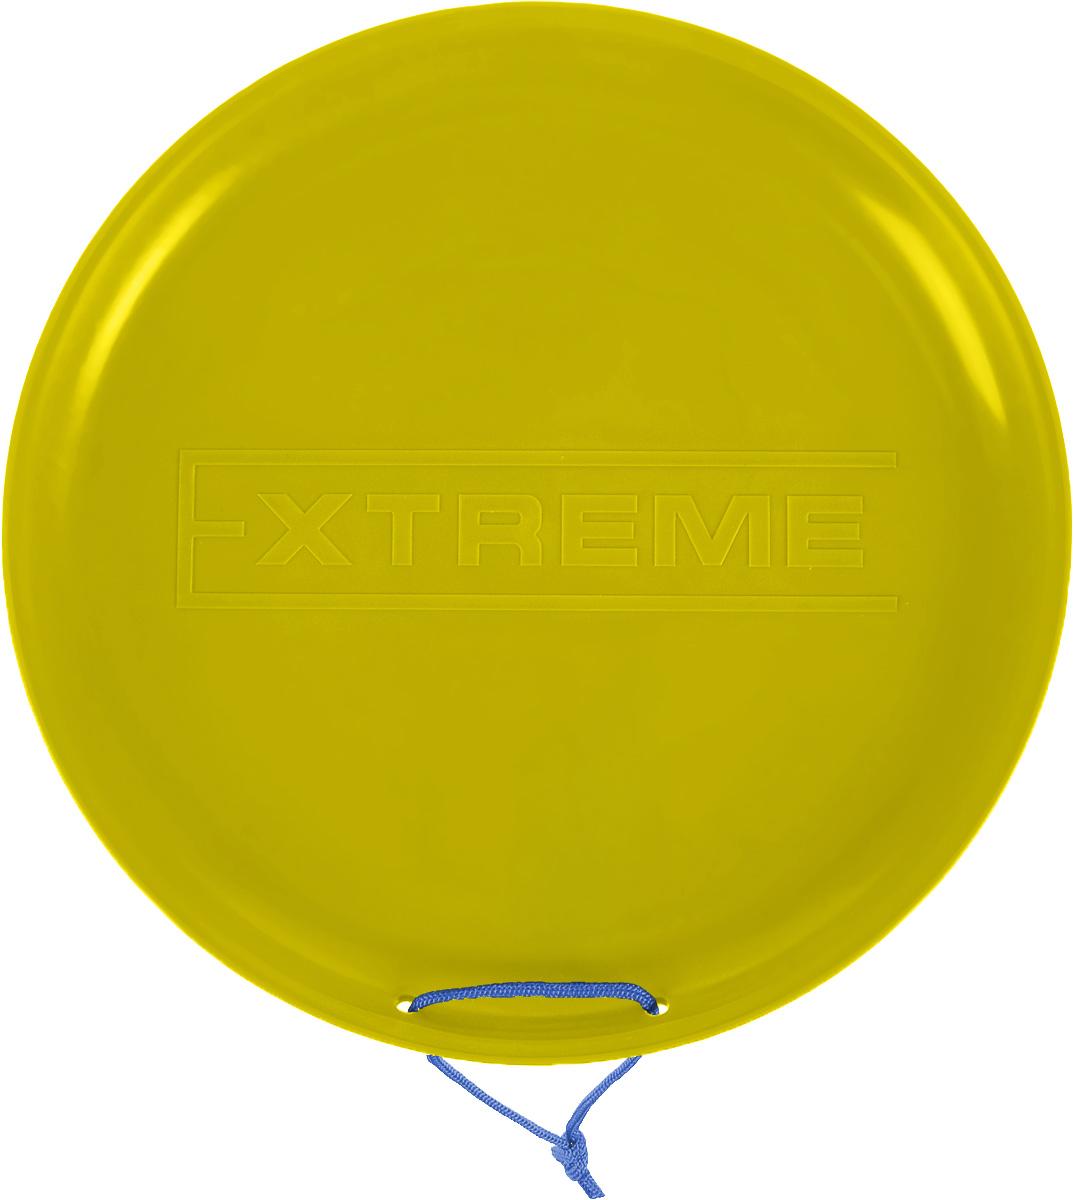 """Санки-ледянки Престиж """"Экстрим"""", цвет: желтый, диаметр 40 см"""